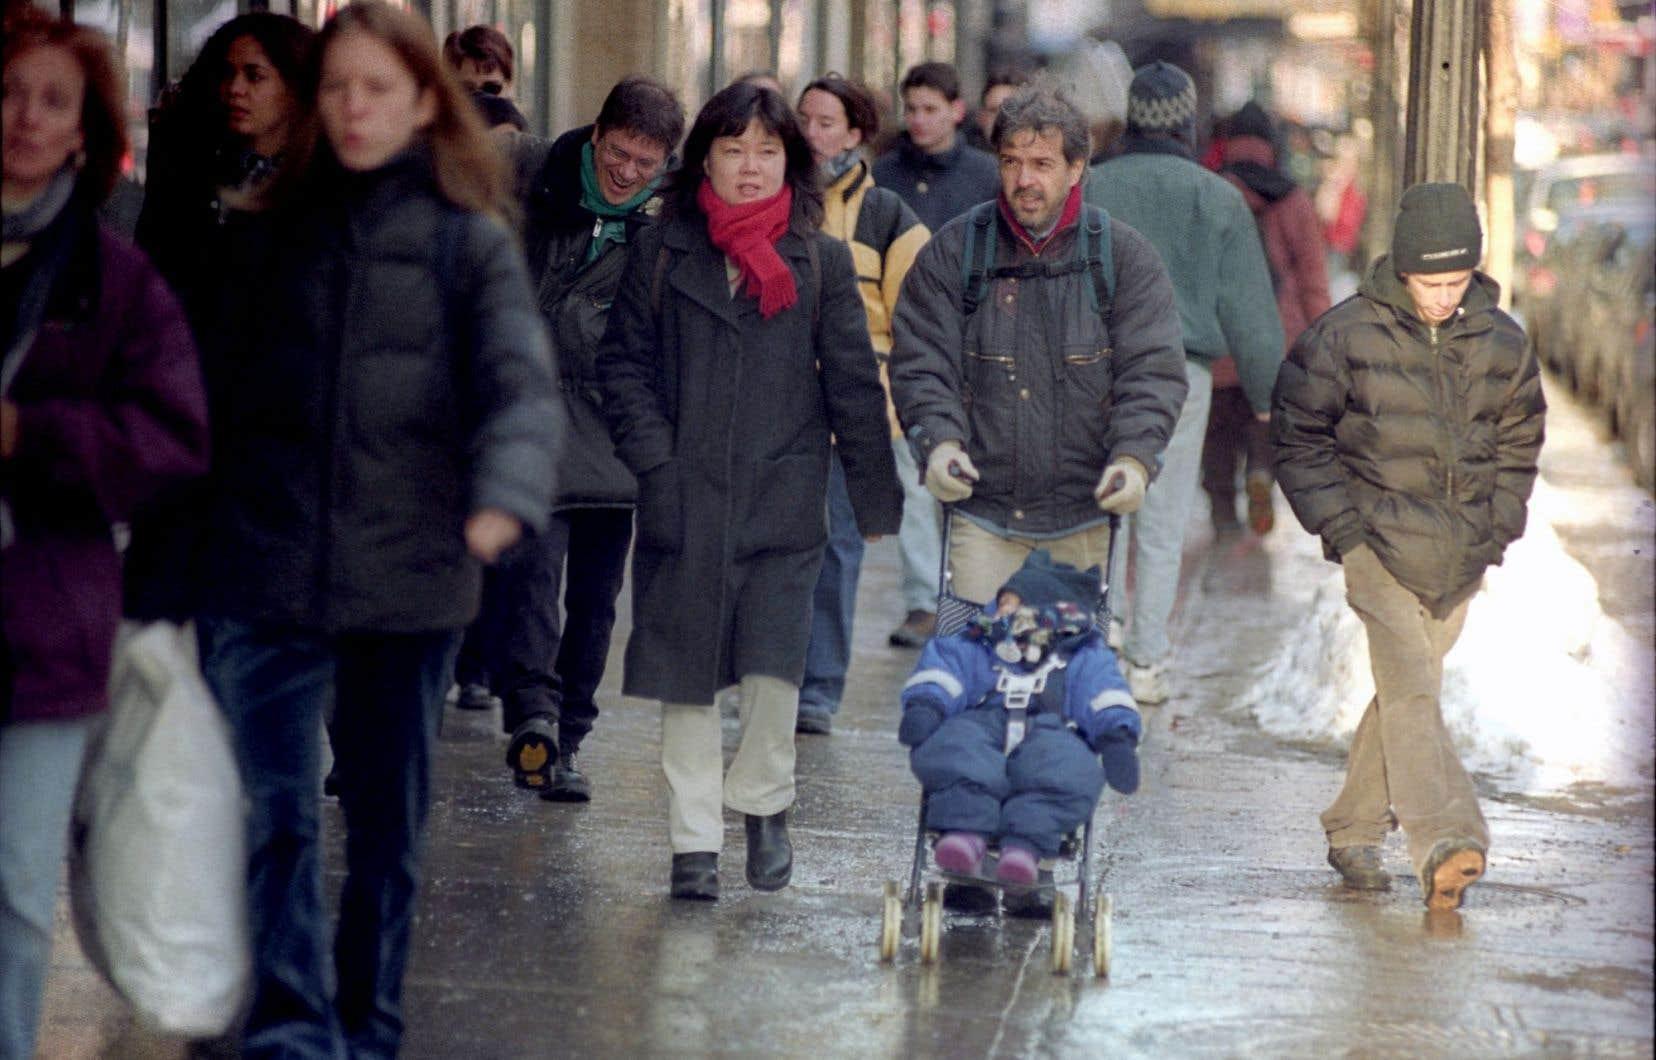 Le croissance démographique du Québec est inférieure à la moyenne nationale.